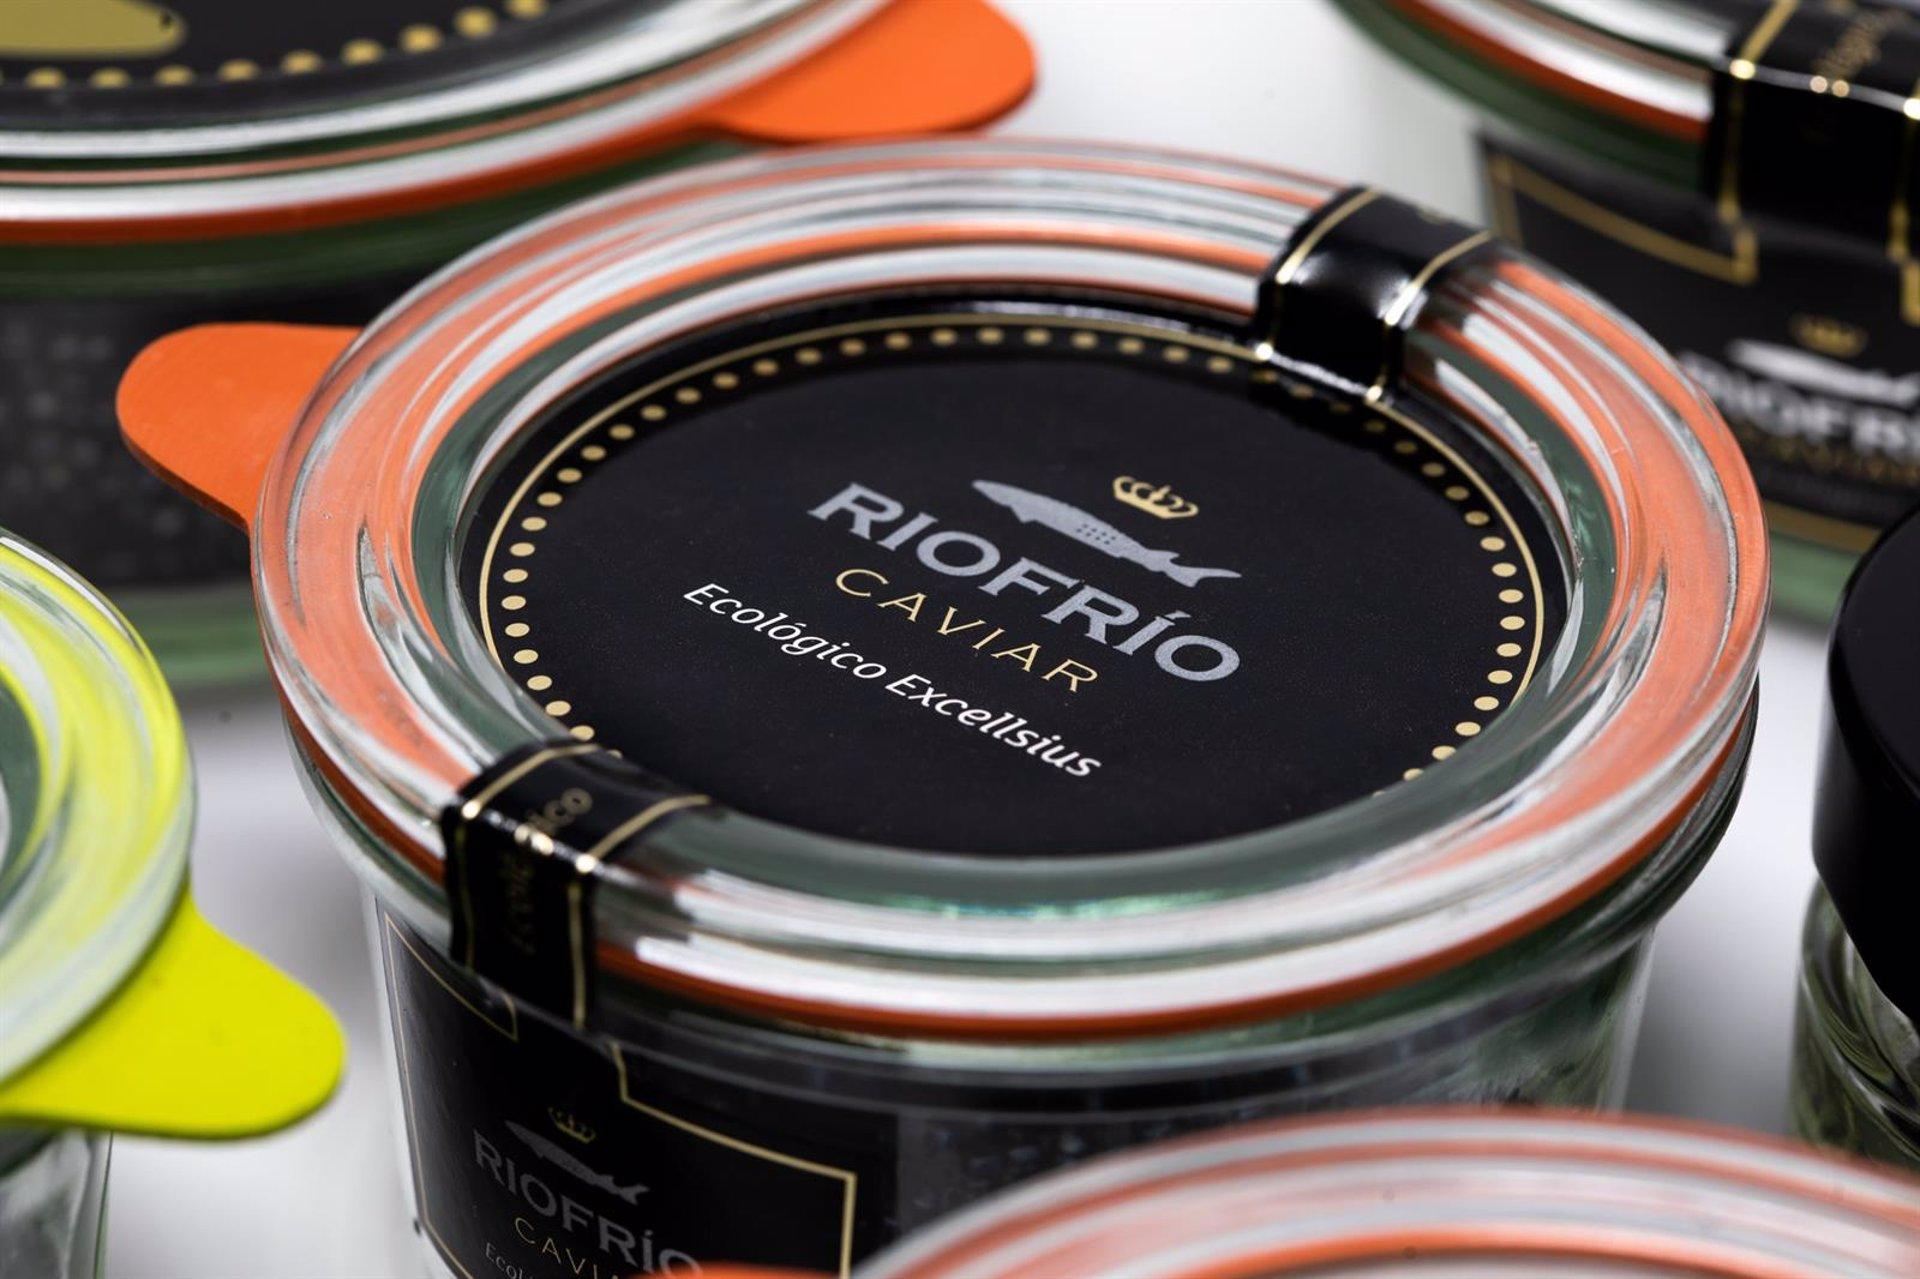 Caviar de Riofrío se prepara para dar el salto a Estados Unidos